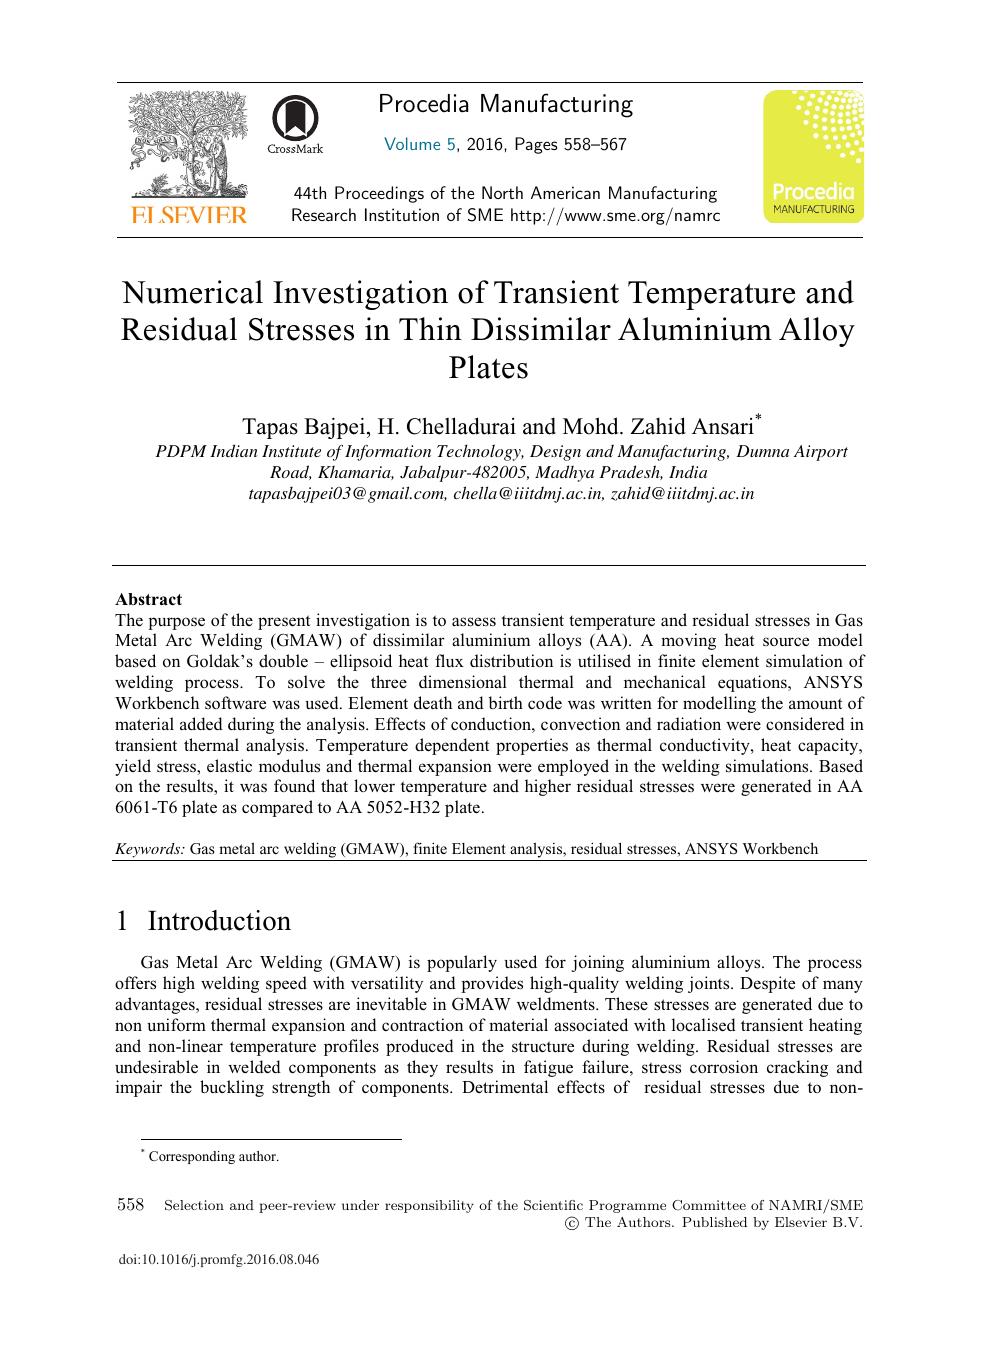 Numerical Investigation of Transient Temperature and